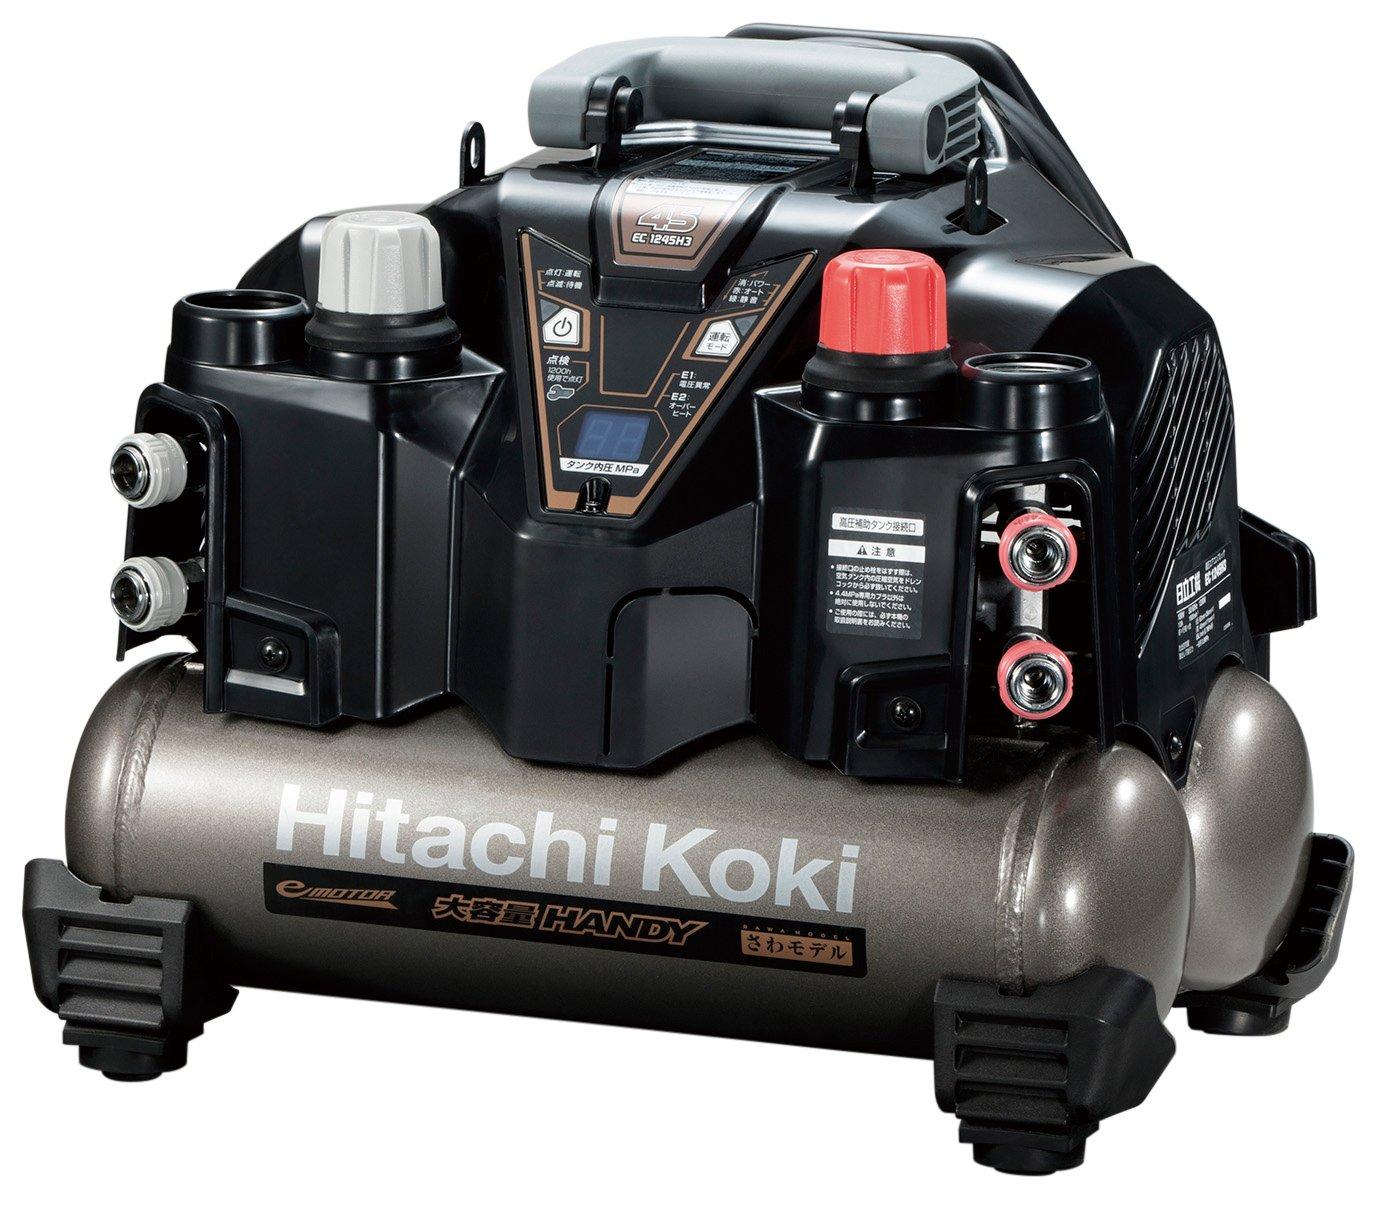 日立工機 釘打機用エアコンプレッサ タンク容量8L タンク内圧45気圧 高圧/一般圧対応 セキュリティ機能なし EC1245H3(TN) B078X2MH3X